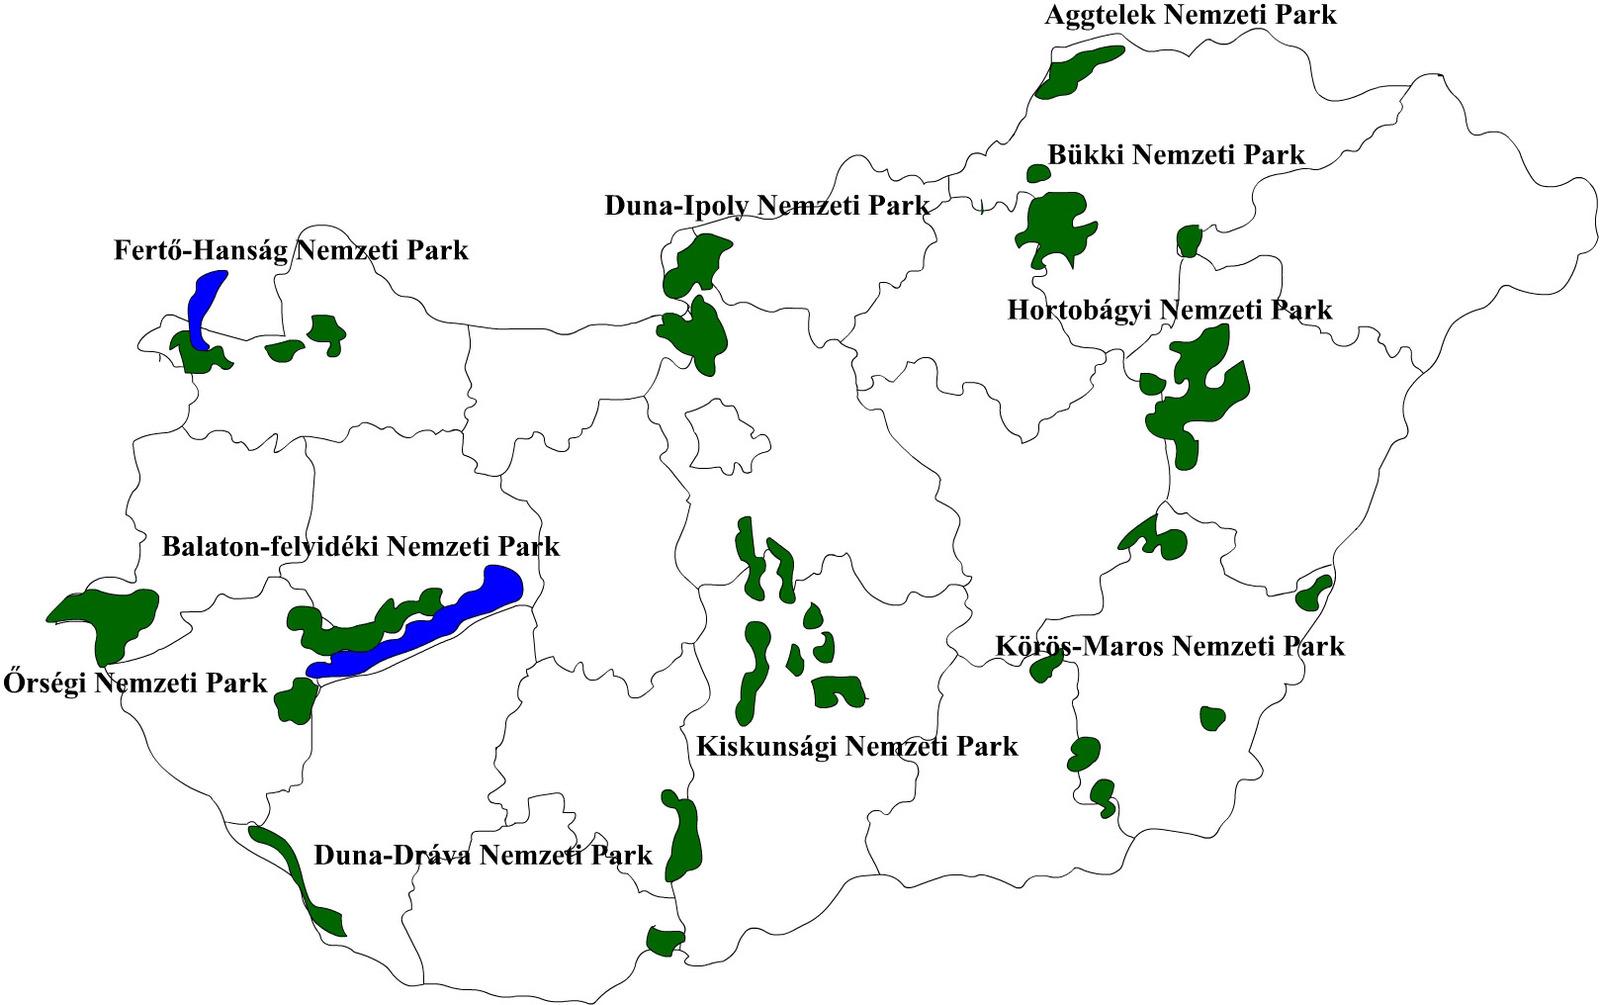 Nemzeti Parkok Terkep Marlpoint